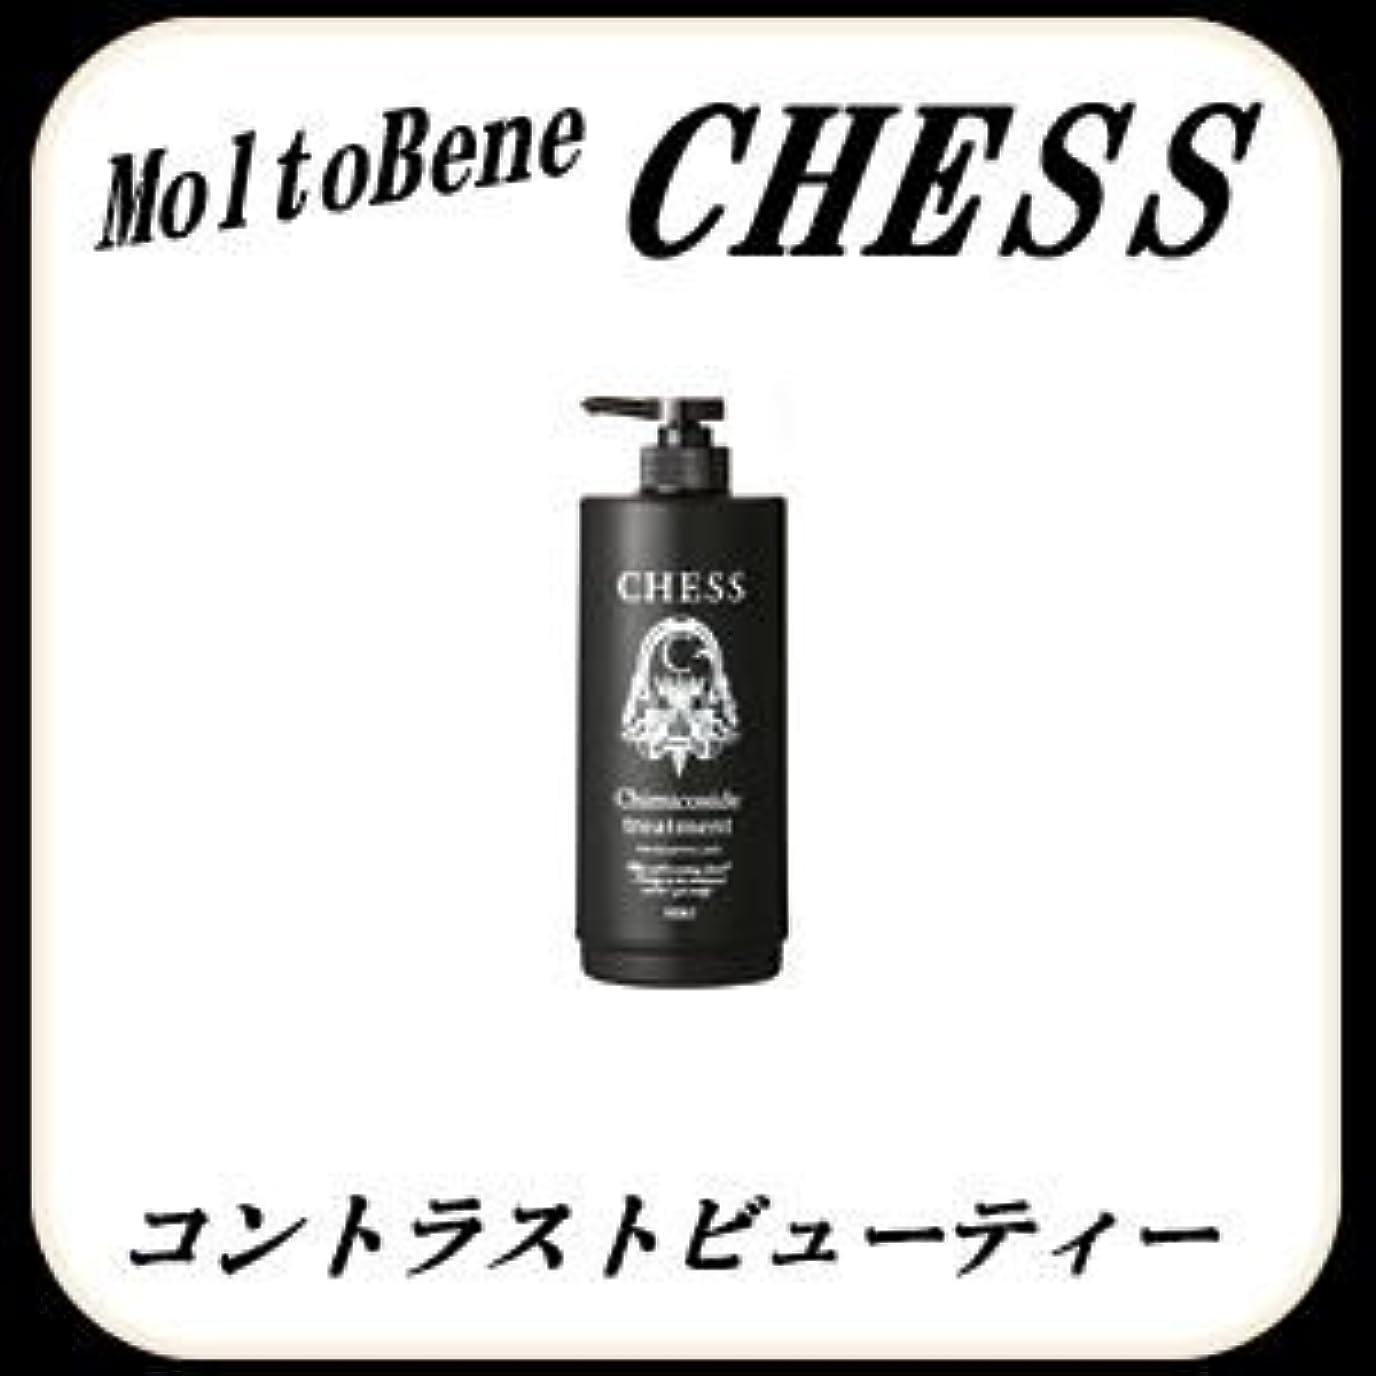 落胆させる美的気になるチェス ケミコサイドトリートメント 専用カートリッジ